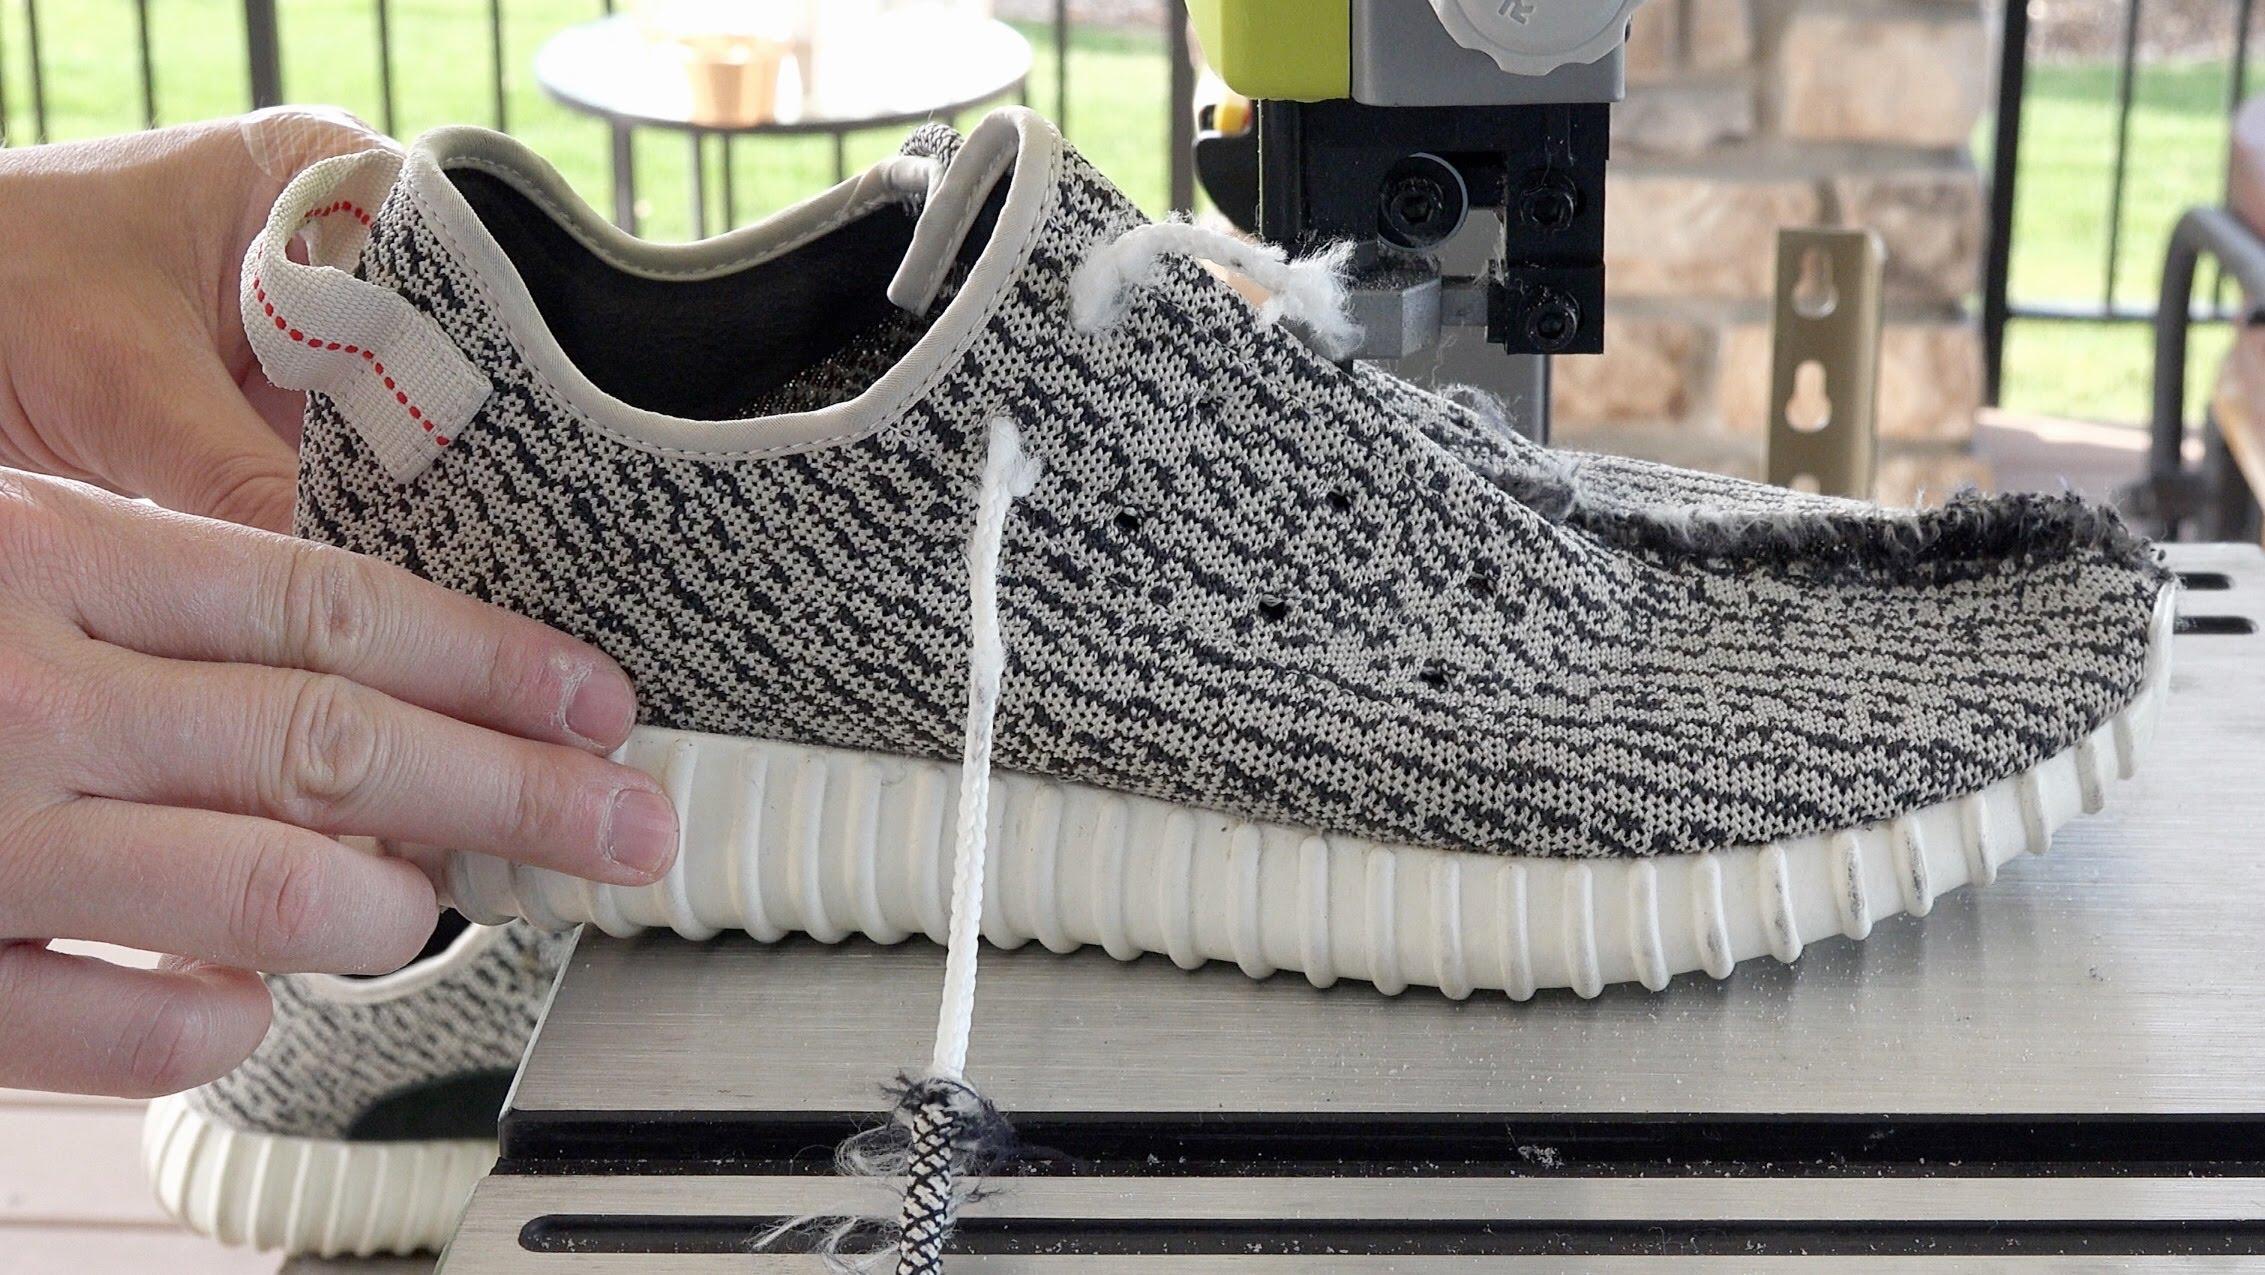 ได้ข่าวว่าแพงนัก! มาผ่ารองเท้า Adidas Yeezy Boost คู่ละ 4 หมื่นกัน ว่าข้างในเป็นยังไง?